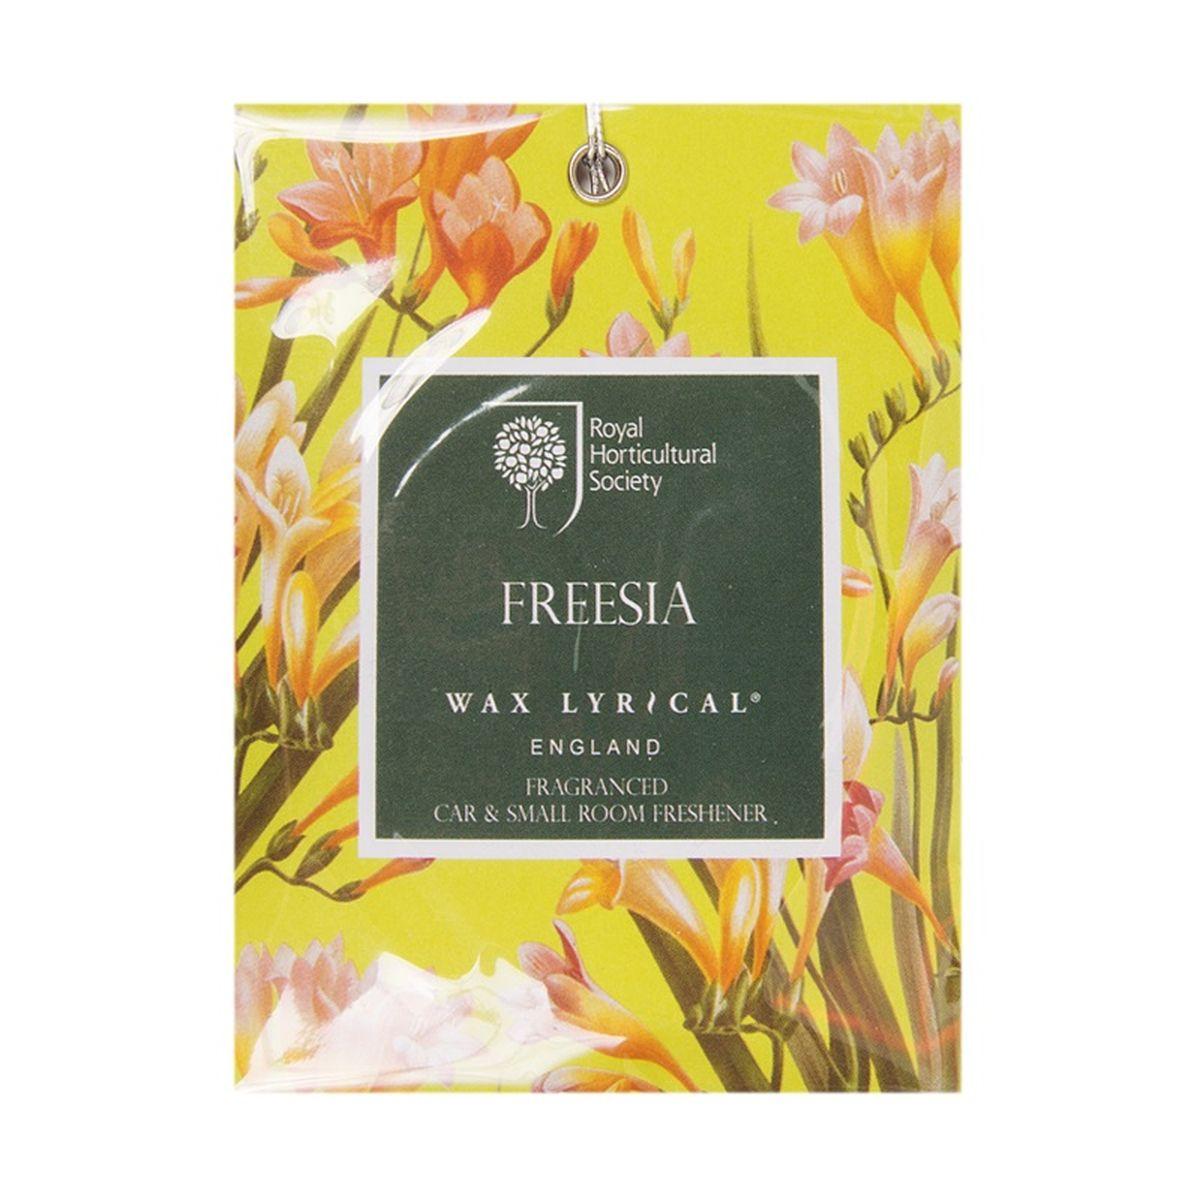 Мини-саше ароматическое Wax Lyrical Цветущая фрезия, 20 гRH5812Мини-саше ароматическое Wax Lyrical Цветущая фрезия имеет нежный сенсорный цветочный аромат с тонким аккордом свежесорванных листьев, сочетает в себе ноты фрезии, гардении и орхидеи, рождая чистый и женственный аромат.